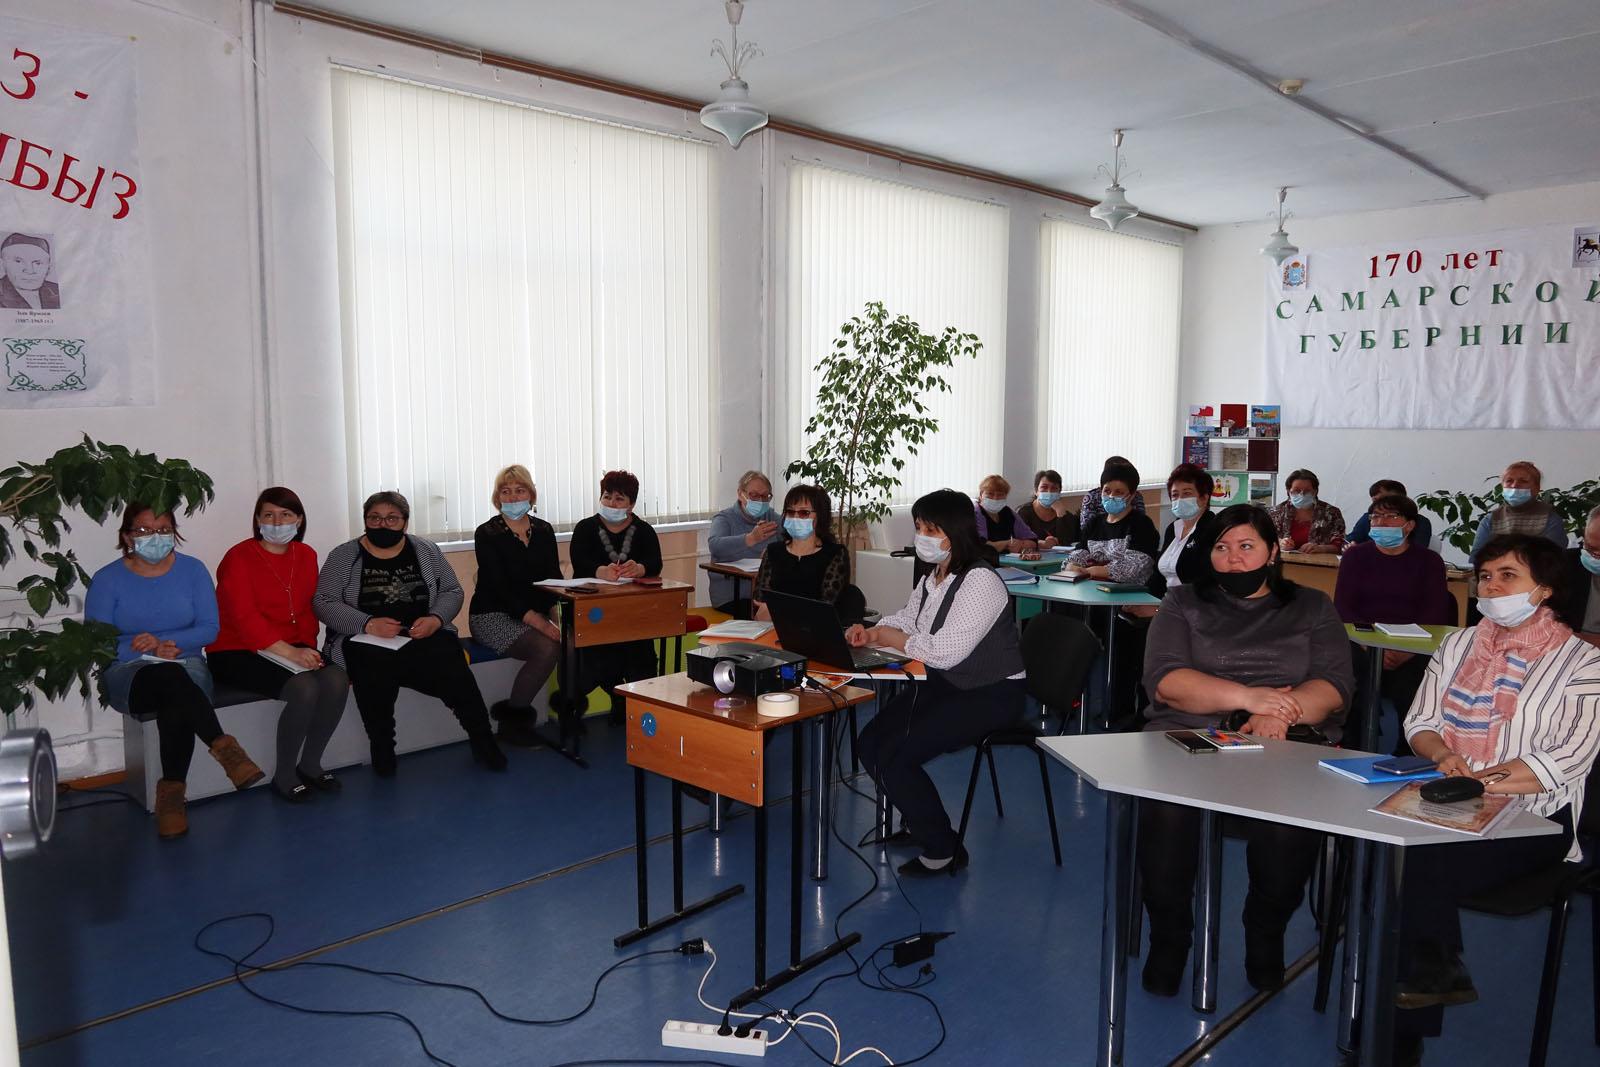 Конференция «Перспективы участия СОНКО в развитии территории и местного сообщества» в Камышлинском районе 10.03.21